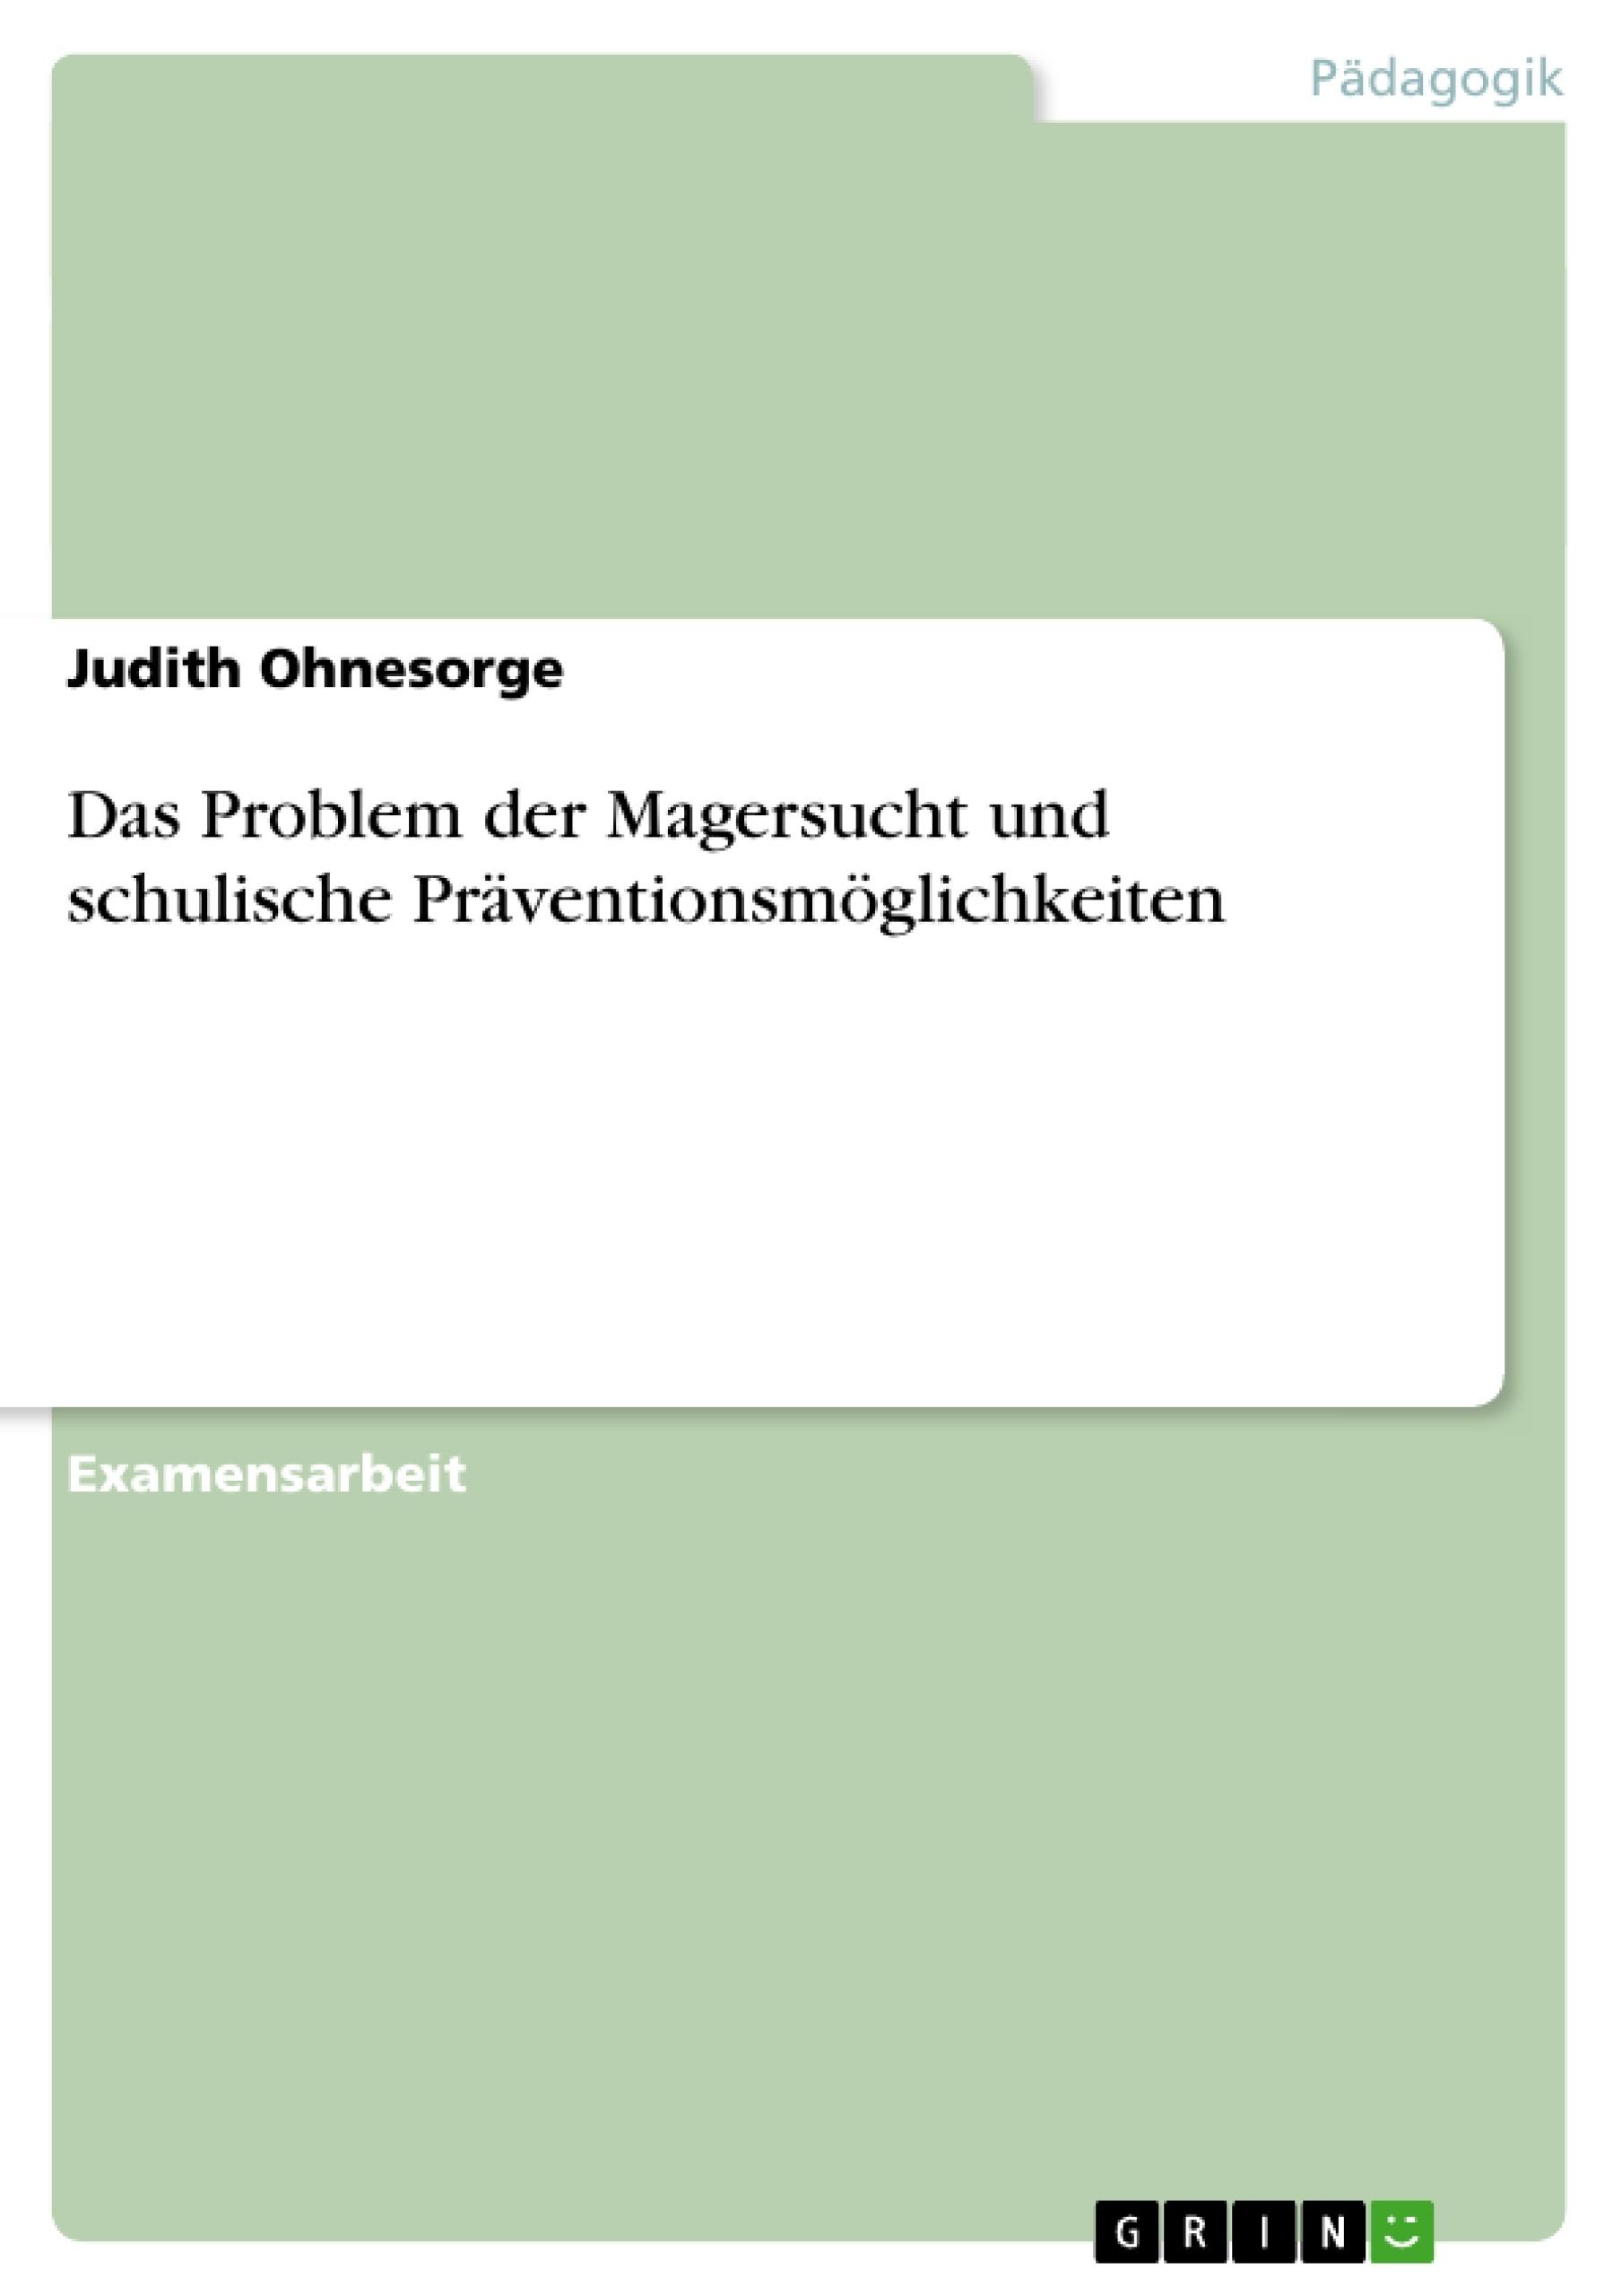 Titel: Das Problem der Magersucht und schulische Präventionsmöglichkeiten